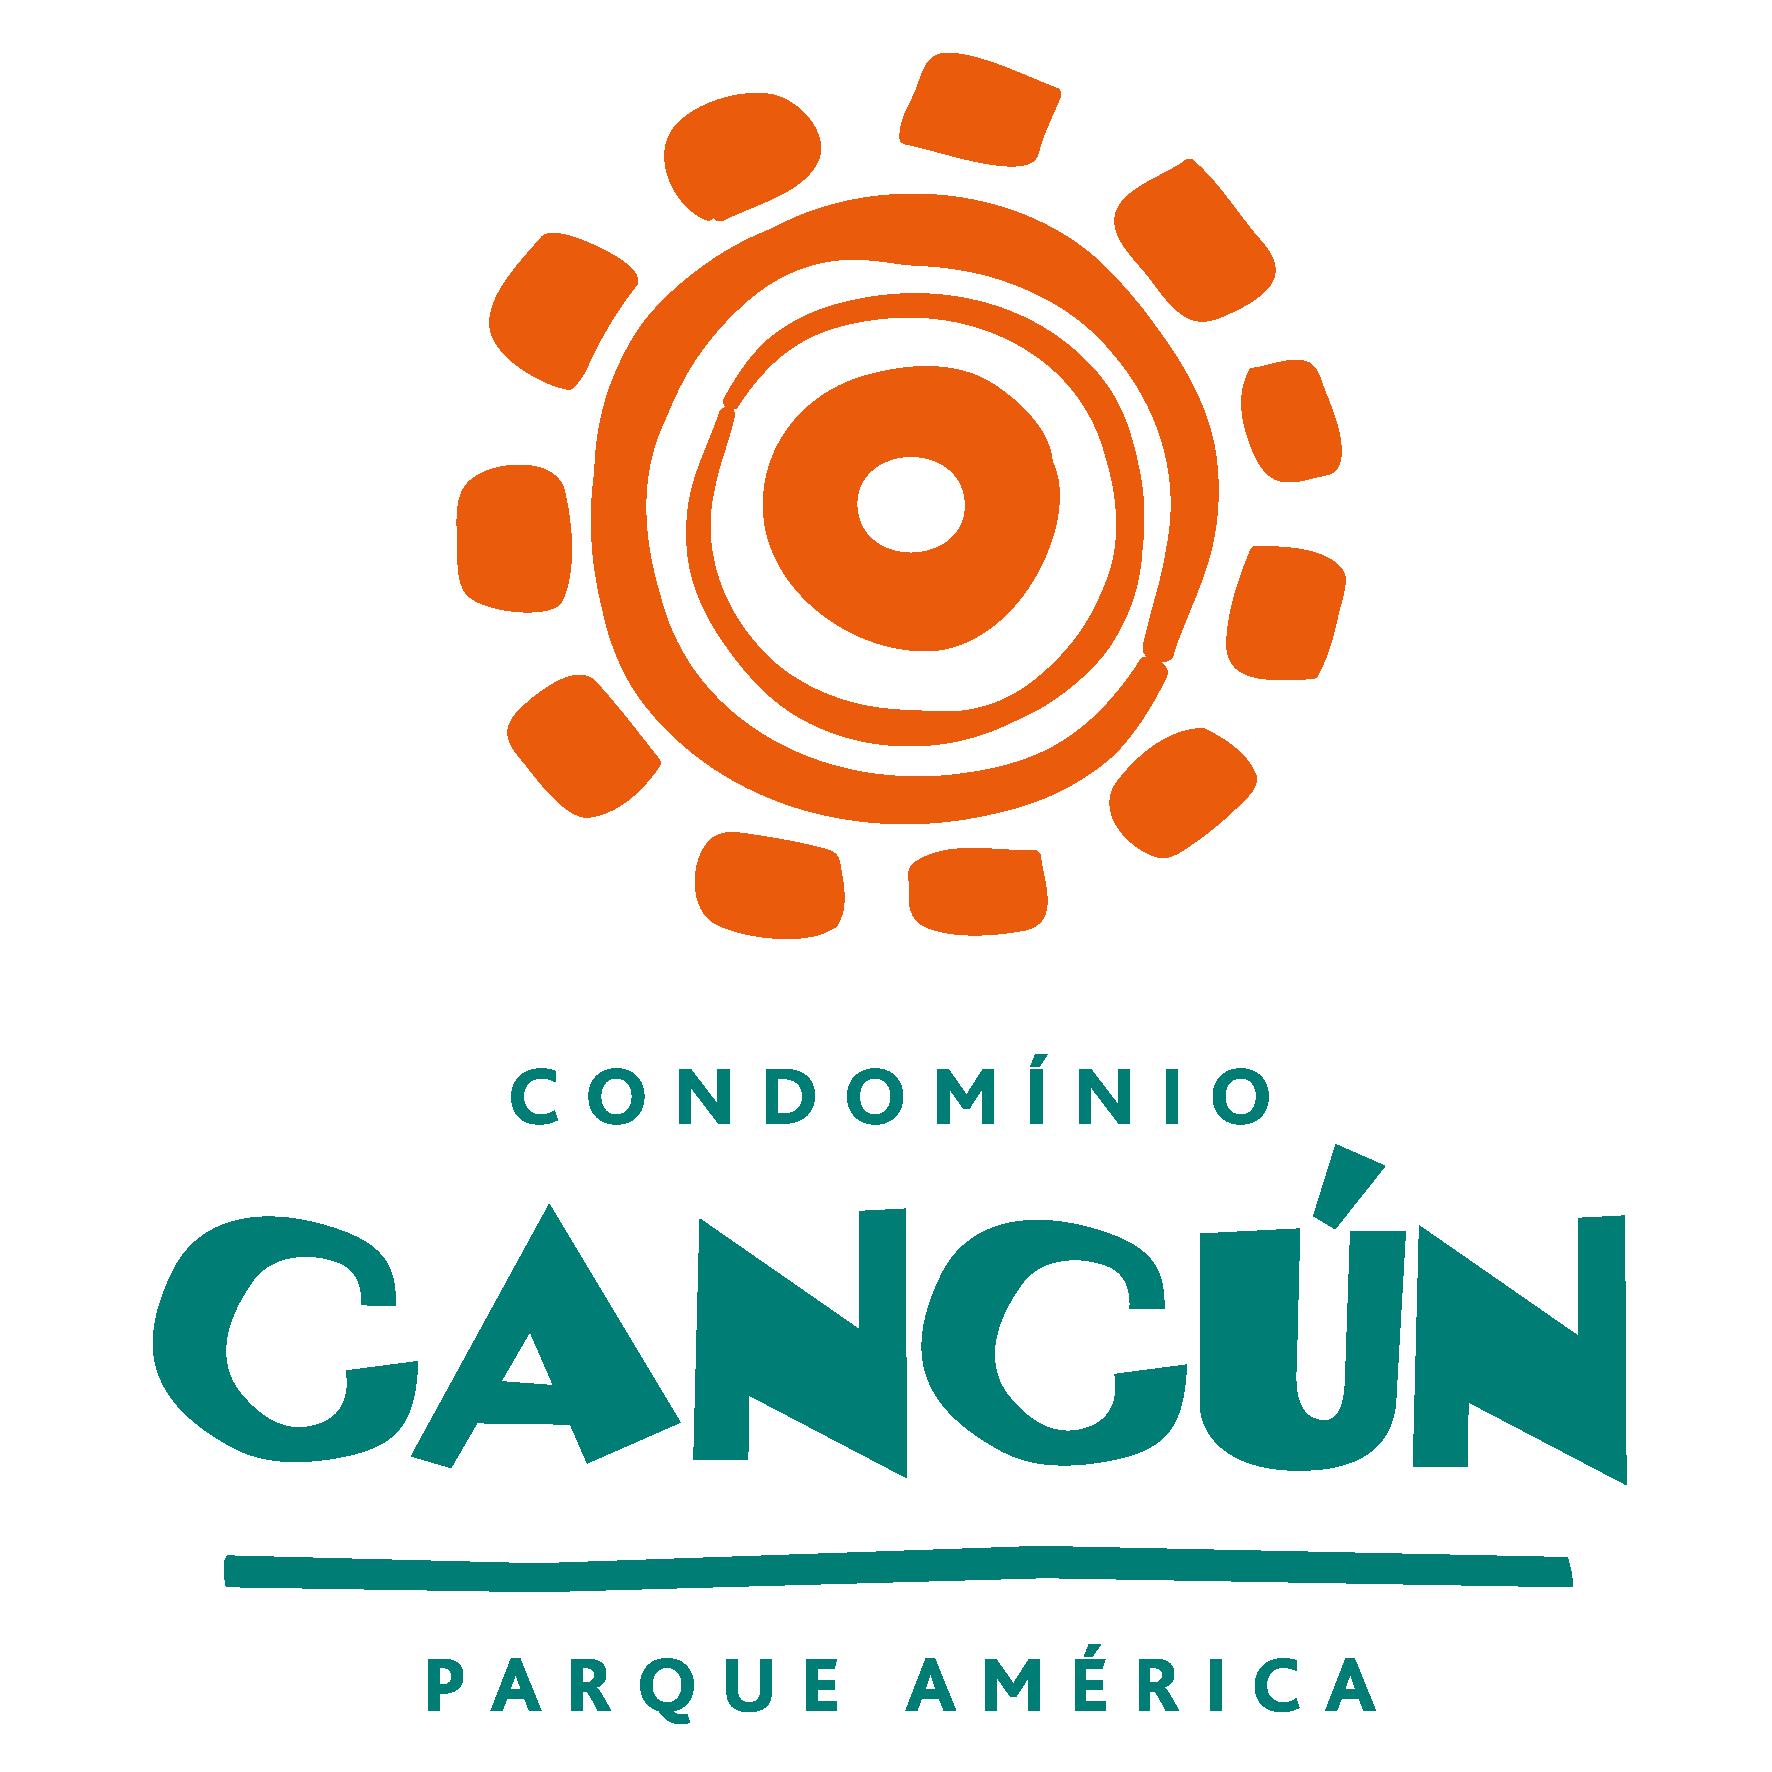 Parque América Cancún